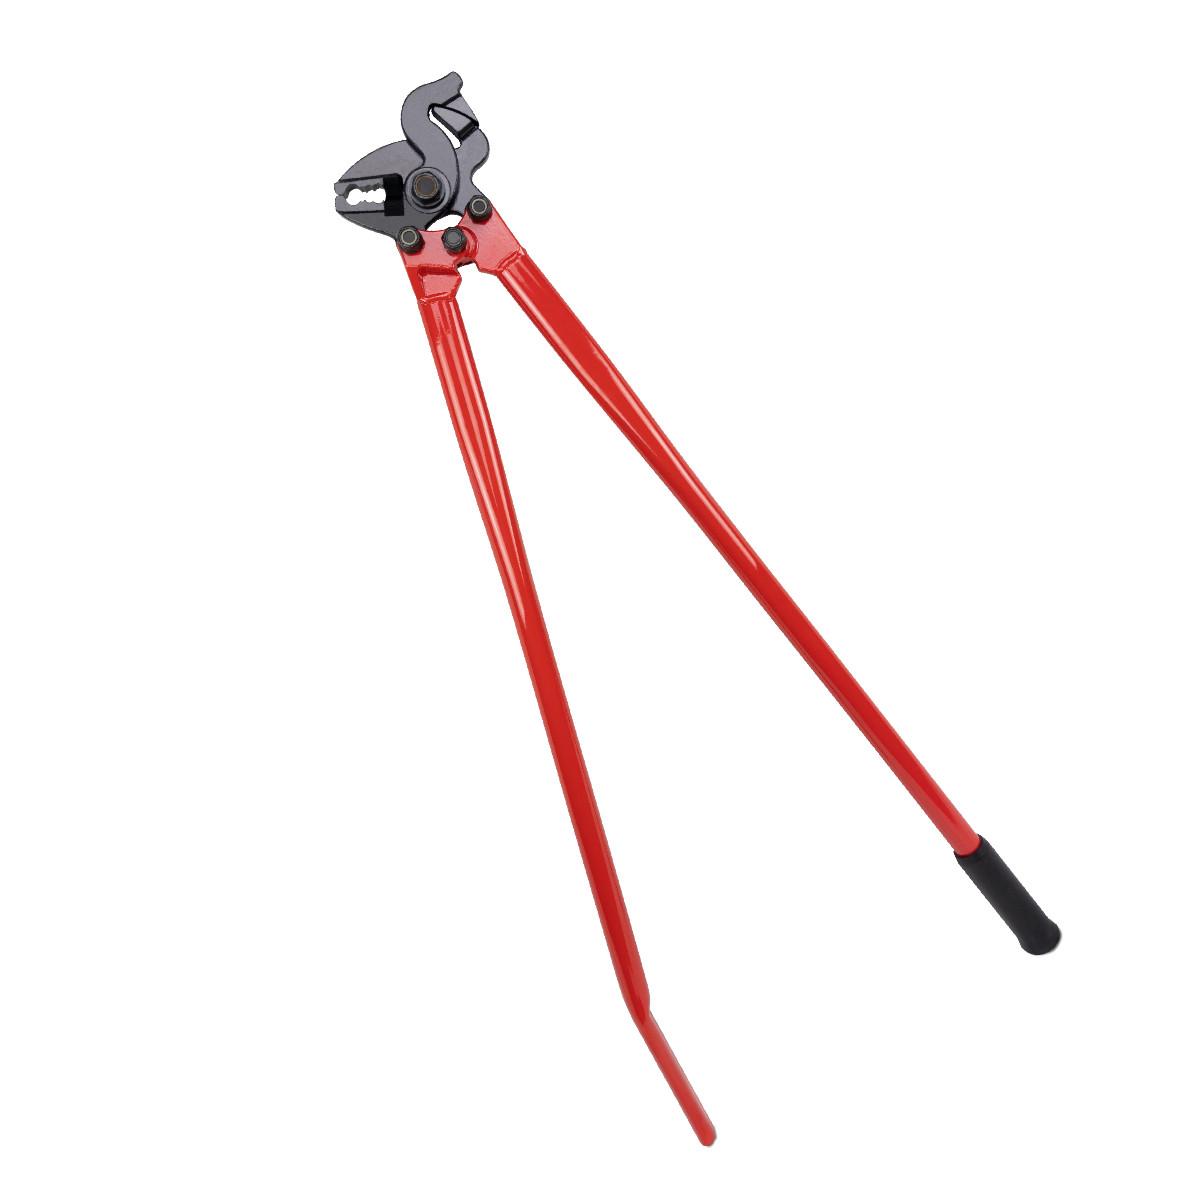 S-Hook Plier & Chain Cutter (T100)